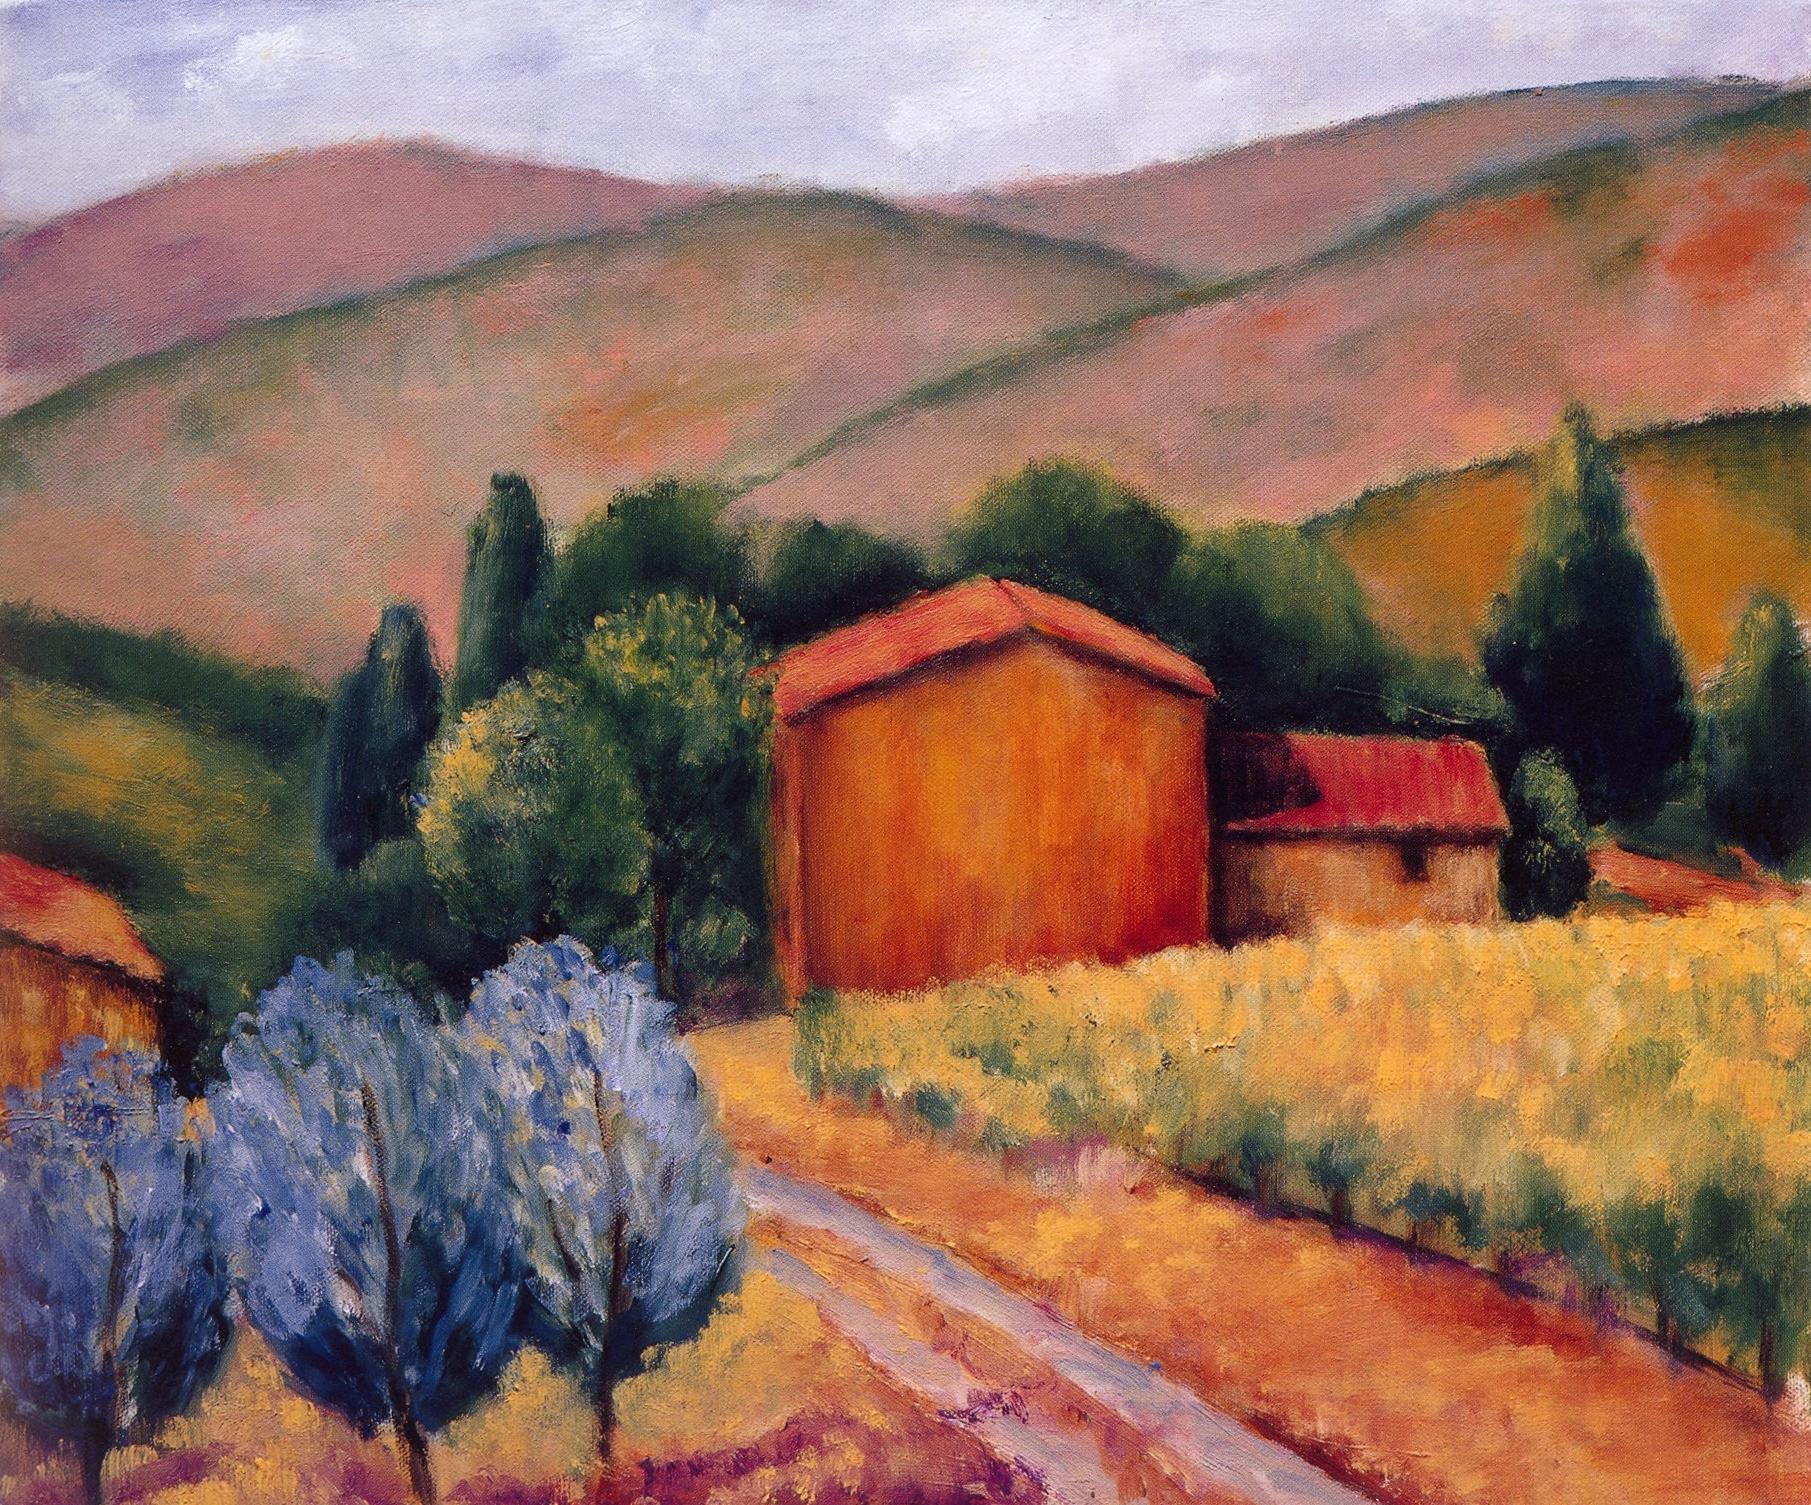 La Casa Piccolo, Panzano Valley   Oil on canvas, 20'' x 24'', 2004